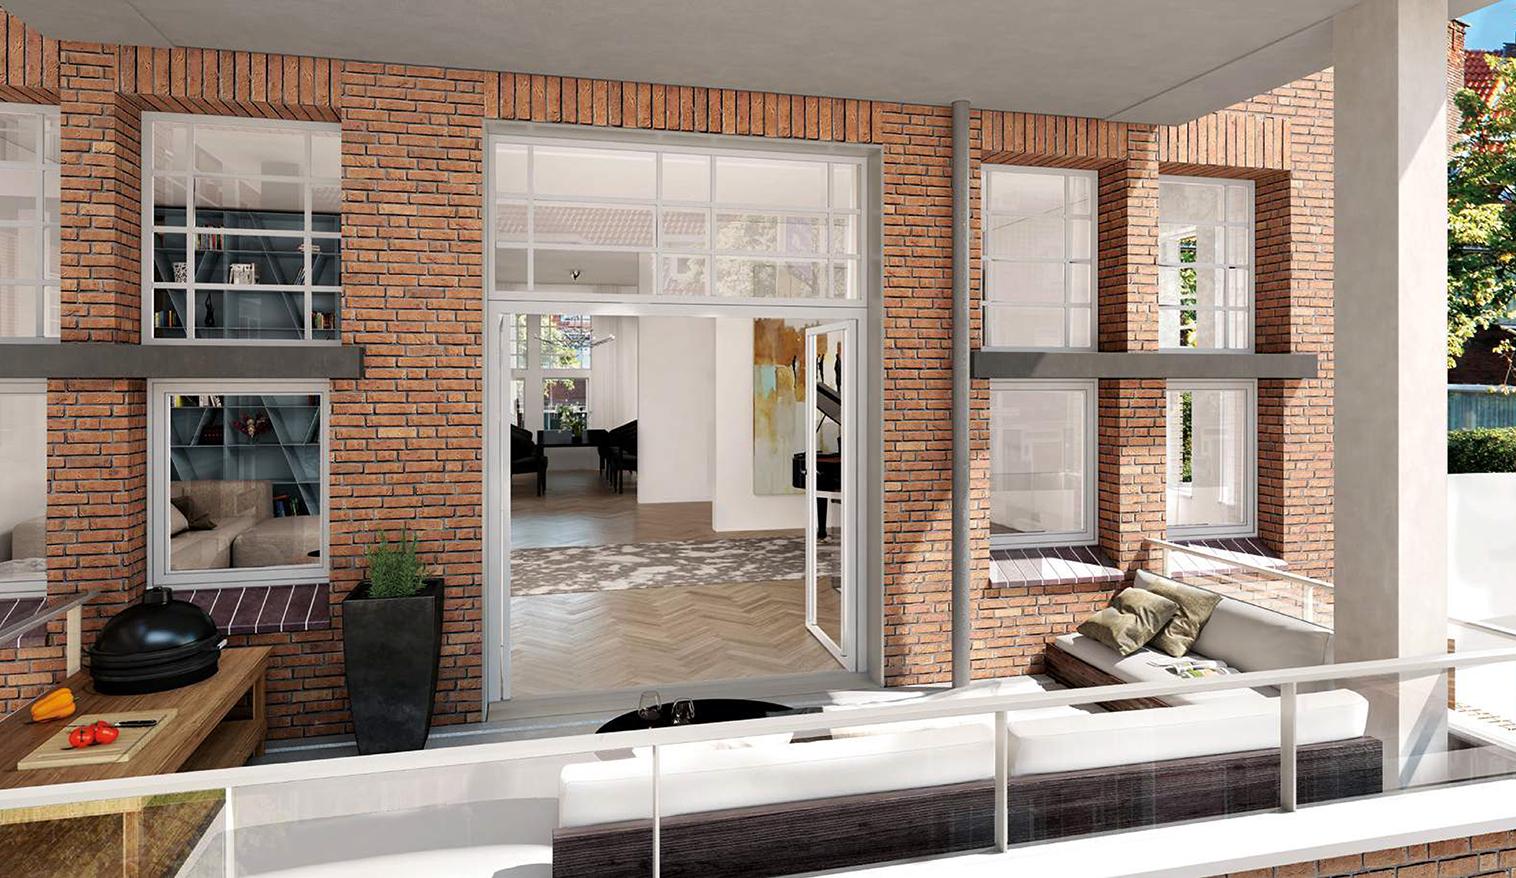 12 OPL Architecten_Willem Witsen DenHaag-1516×878-72dpi